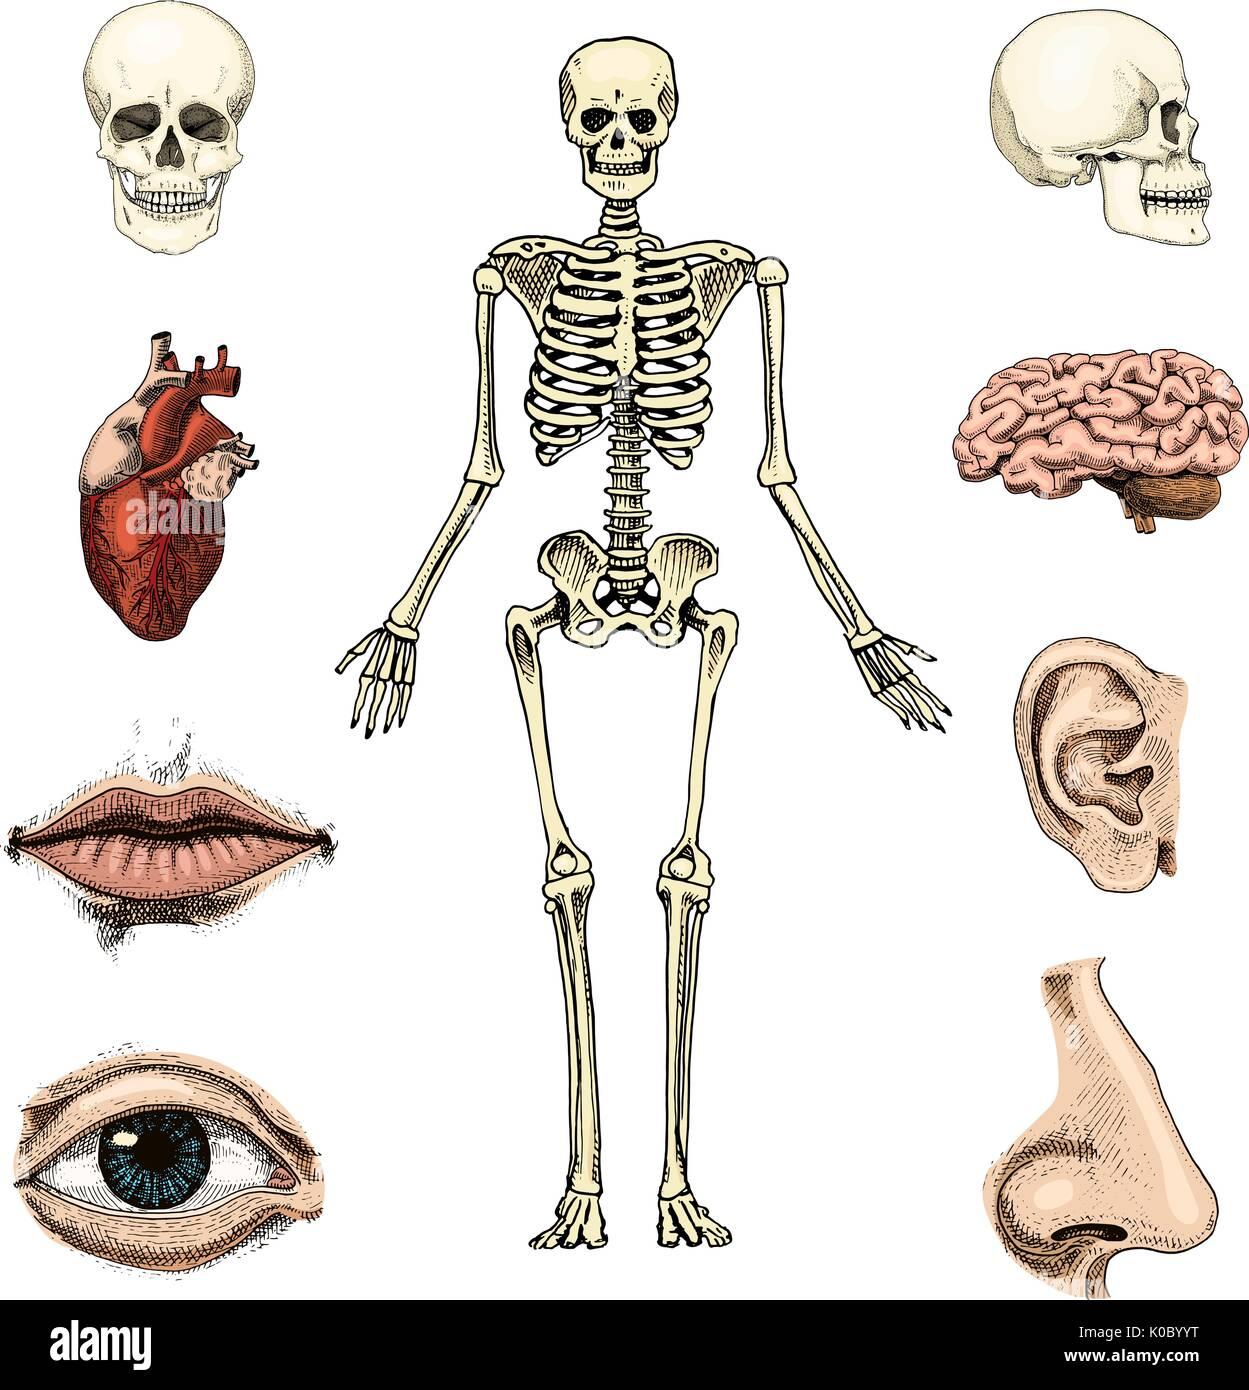 Nett Begriffe Anatomie Und Physiologie Direktionale Anpassung ...